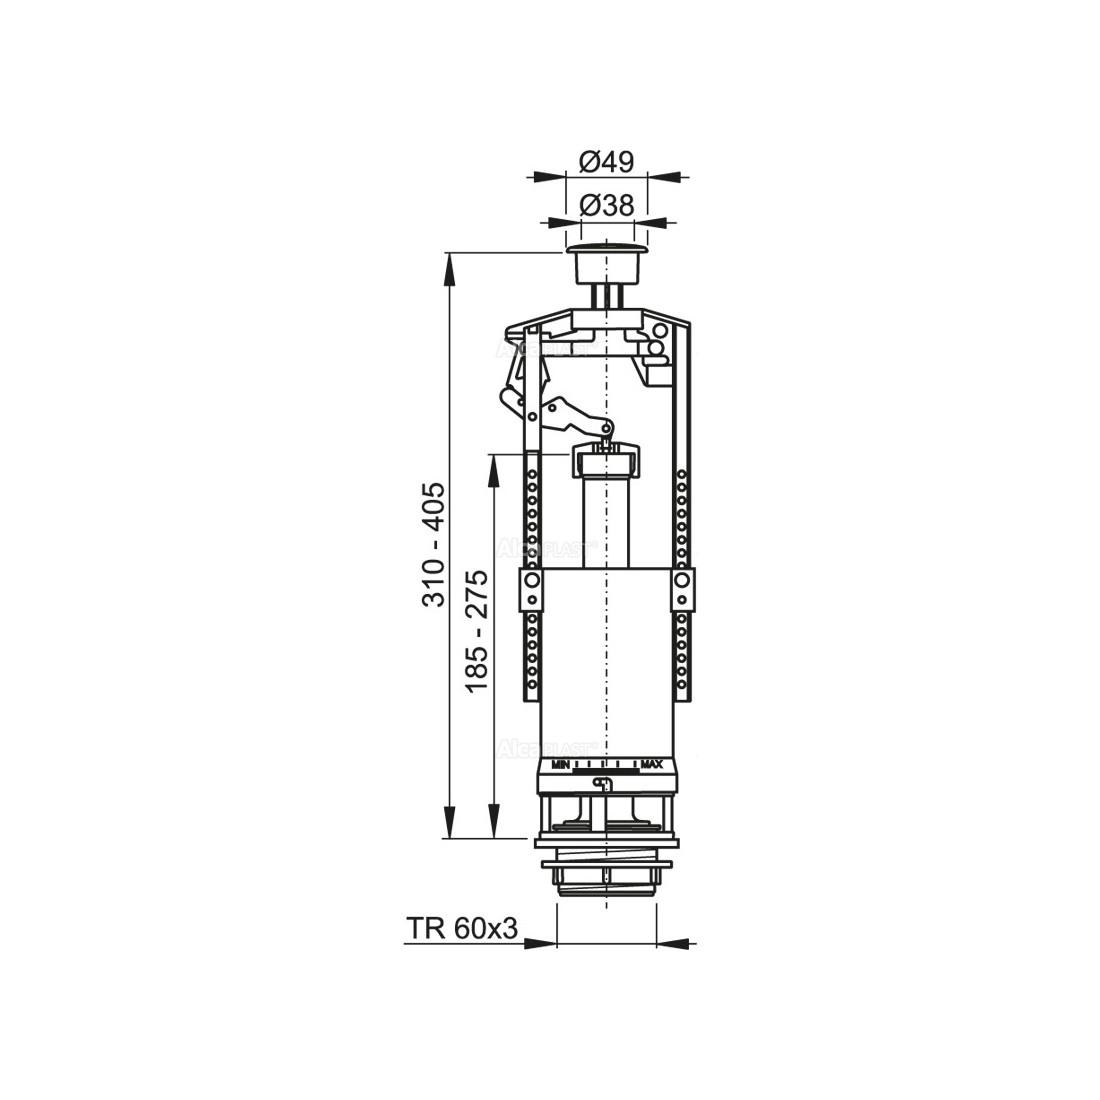 WC nuleidimo mechanizmas, A2000 START / STOP. unitazų bakeliams